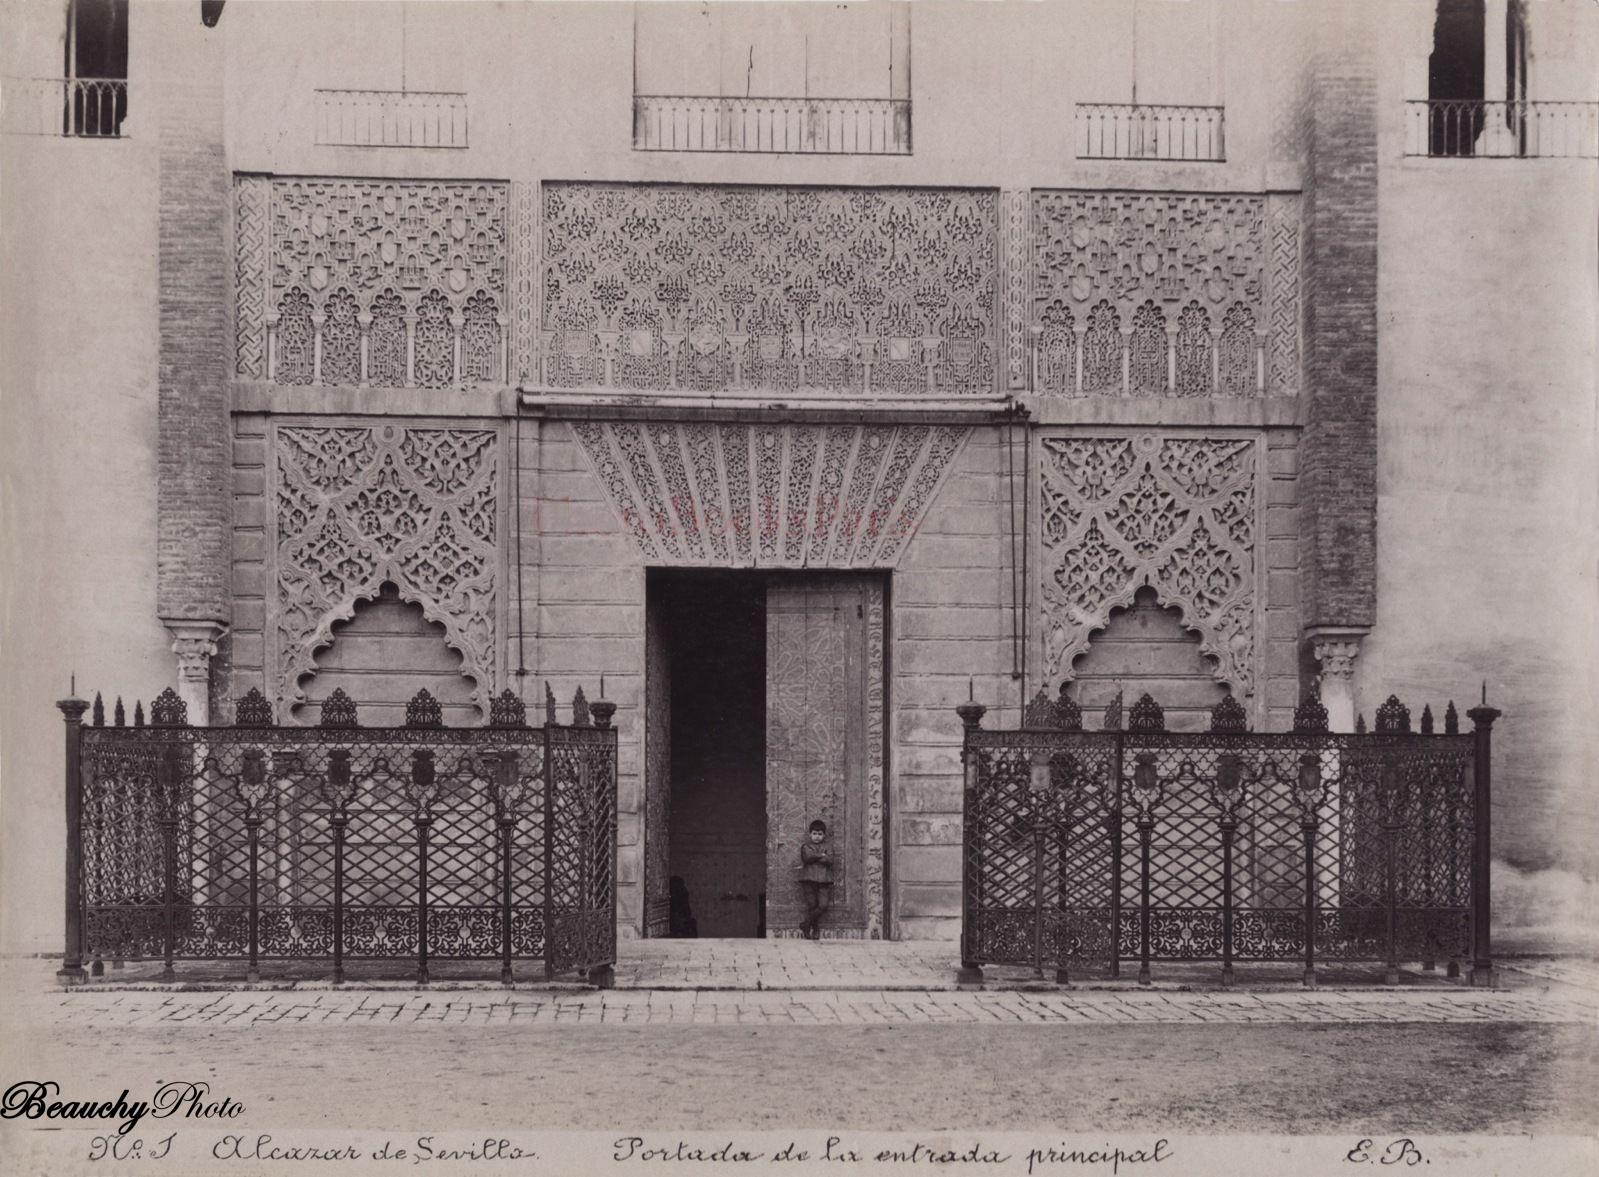 Fachada del Palacio de Pedro I del Real Alcázar de Sevilla